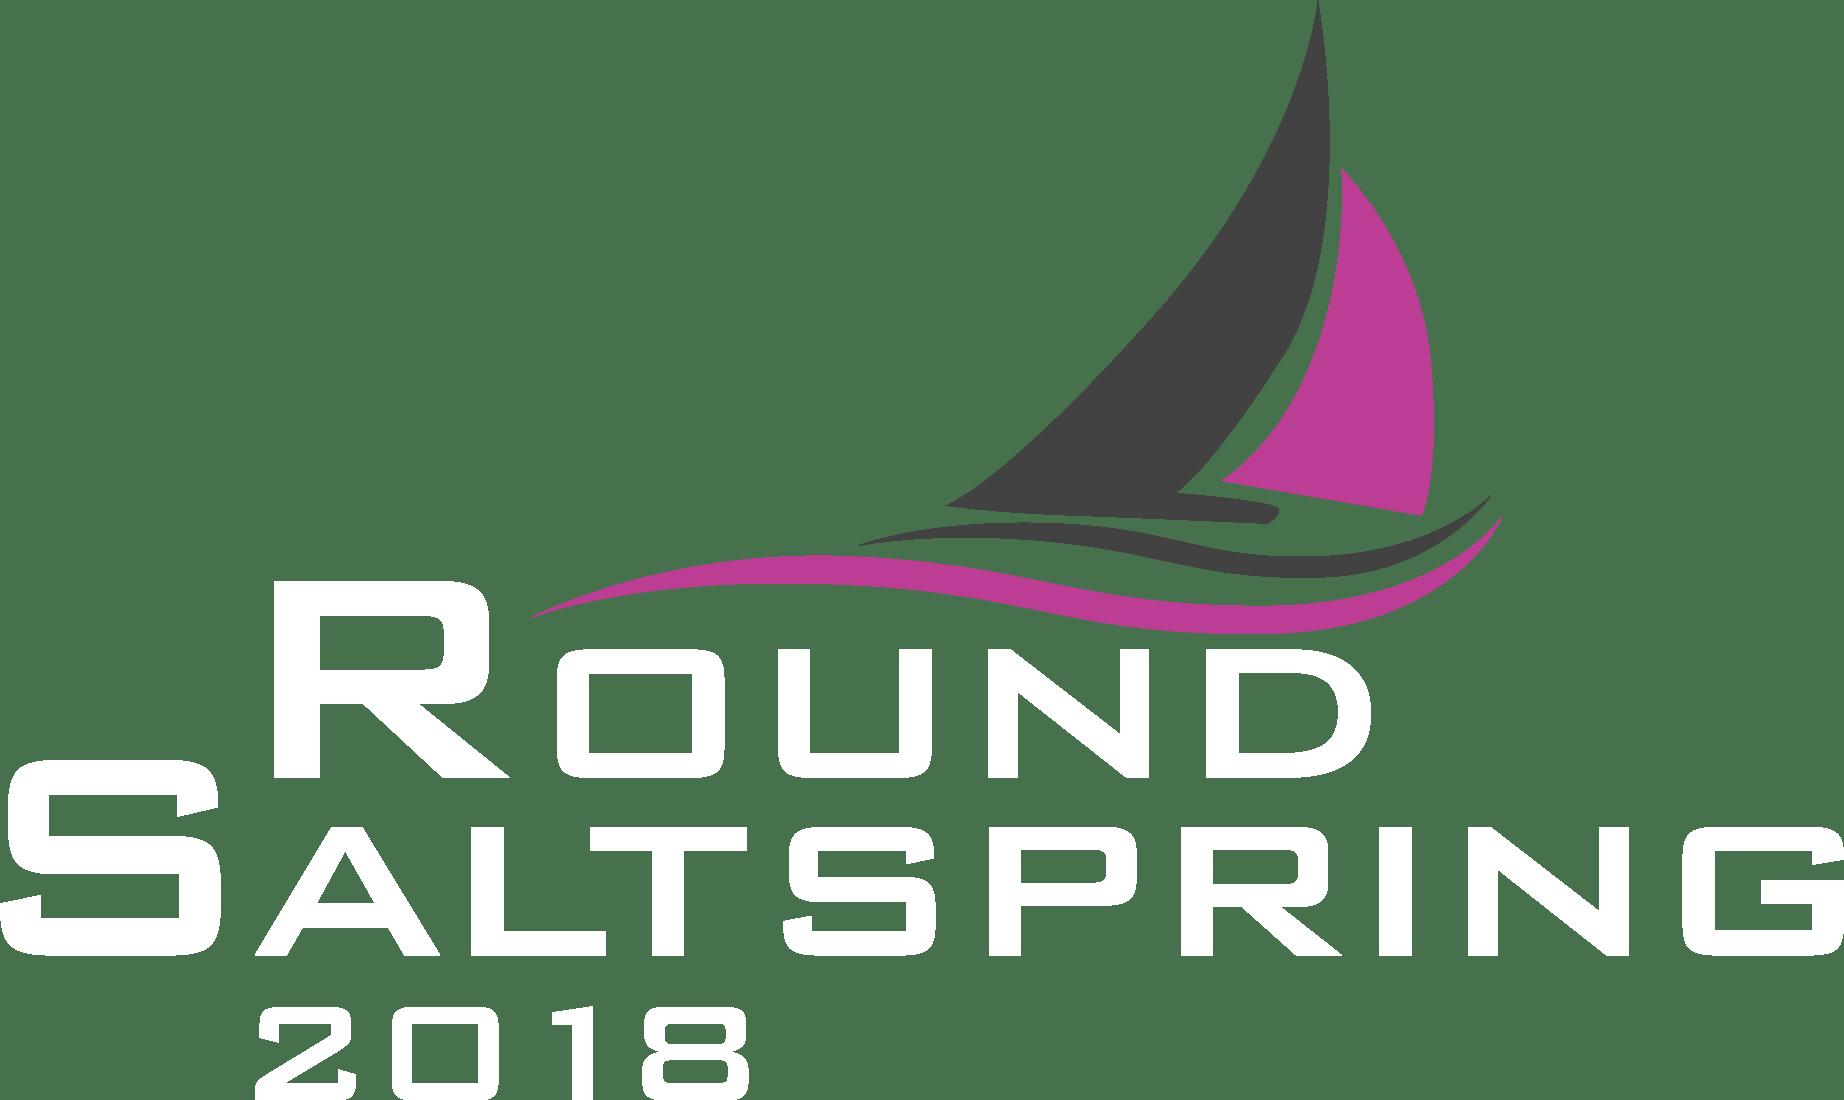 Salt Spring Island Sailing Club — Promoting Gulf Islands